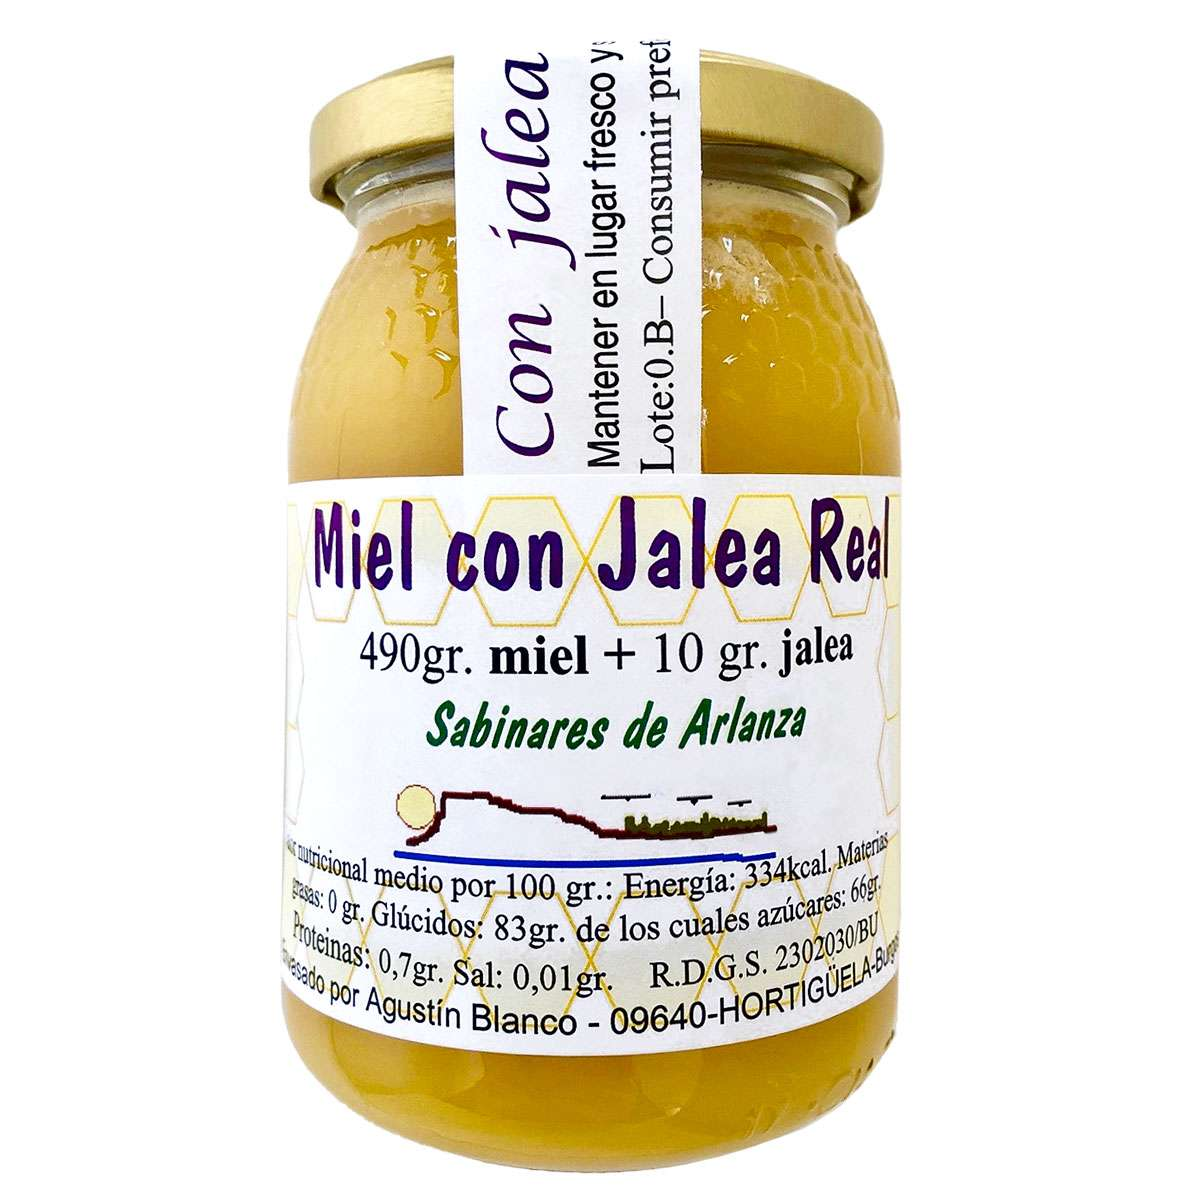 Miel con Jalea Real Sabinares de Arlanza 490g